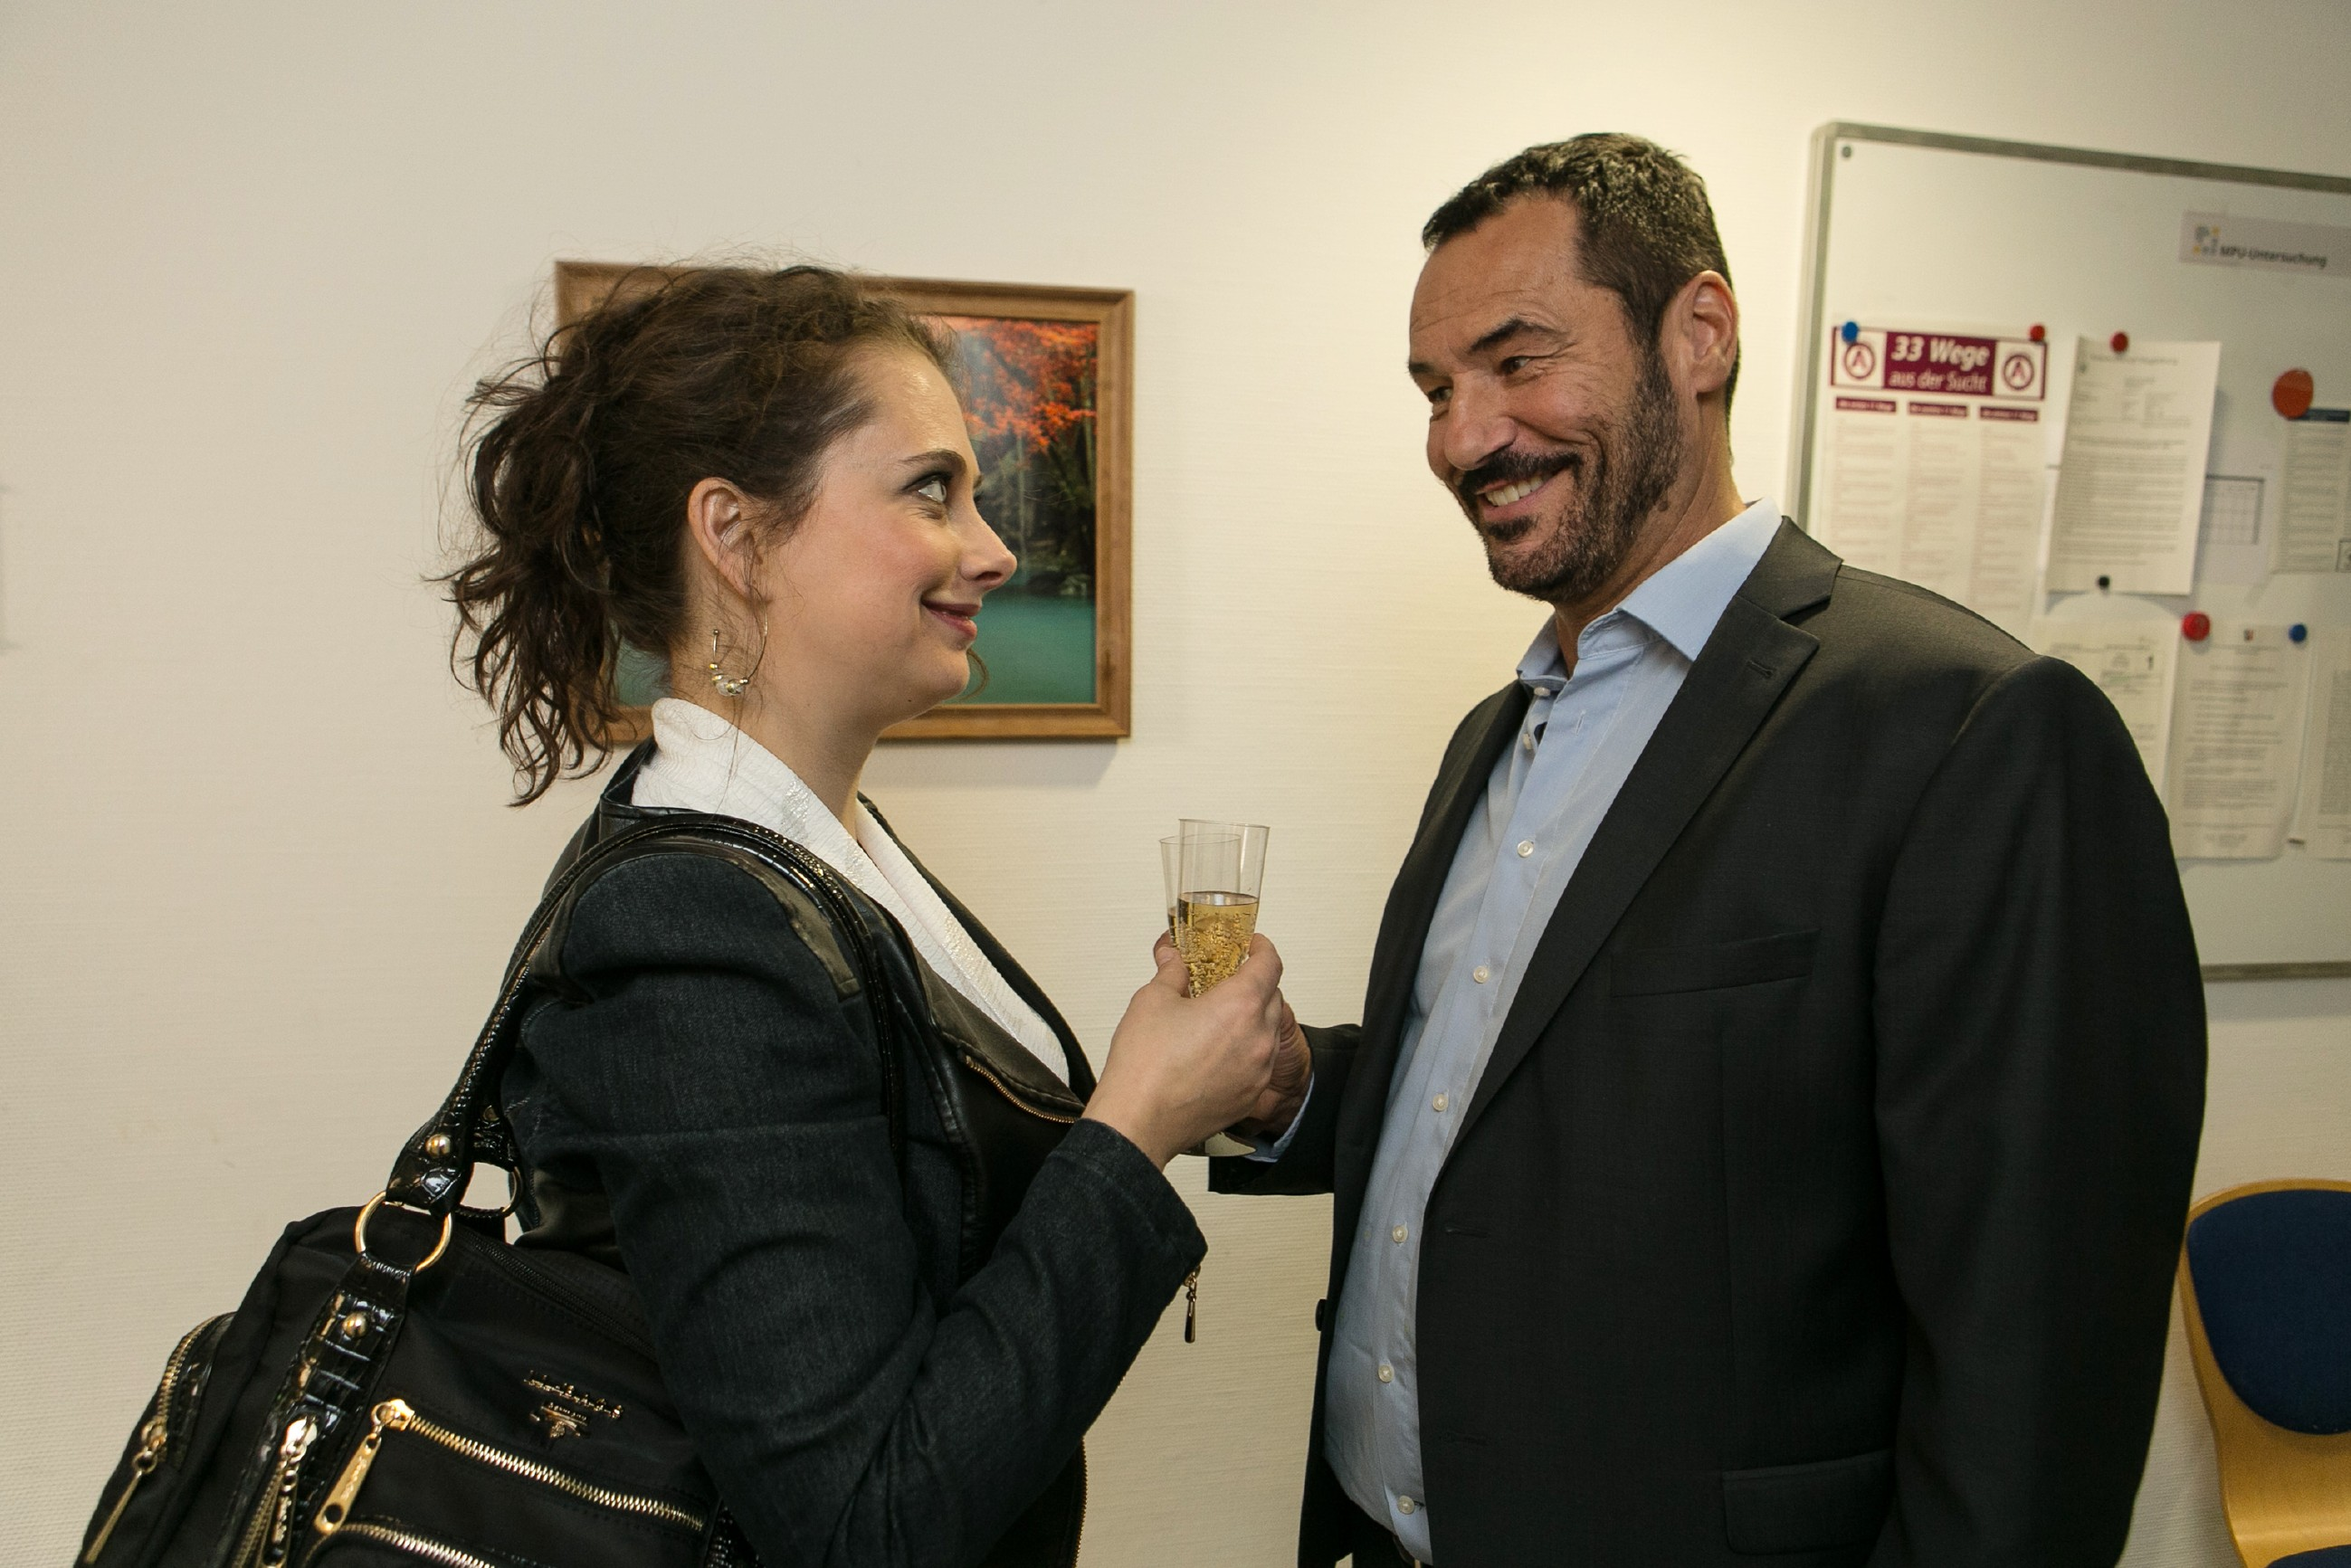 Nachdem Carmen (Heike Warmuth) im Überschwang über die bestandene MPU Richard (Silvan-Pierre Leirich) geküsst hat, sucht sie überfordert nach einer Erklärung für den Kuss. (Quelle: RTL / Kai Schulz)